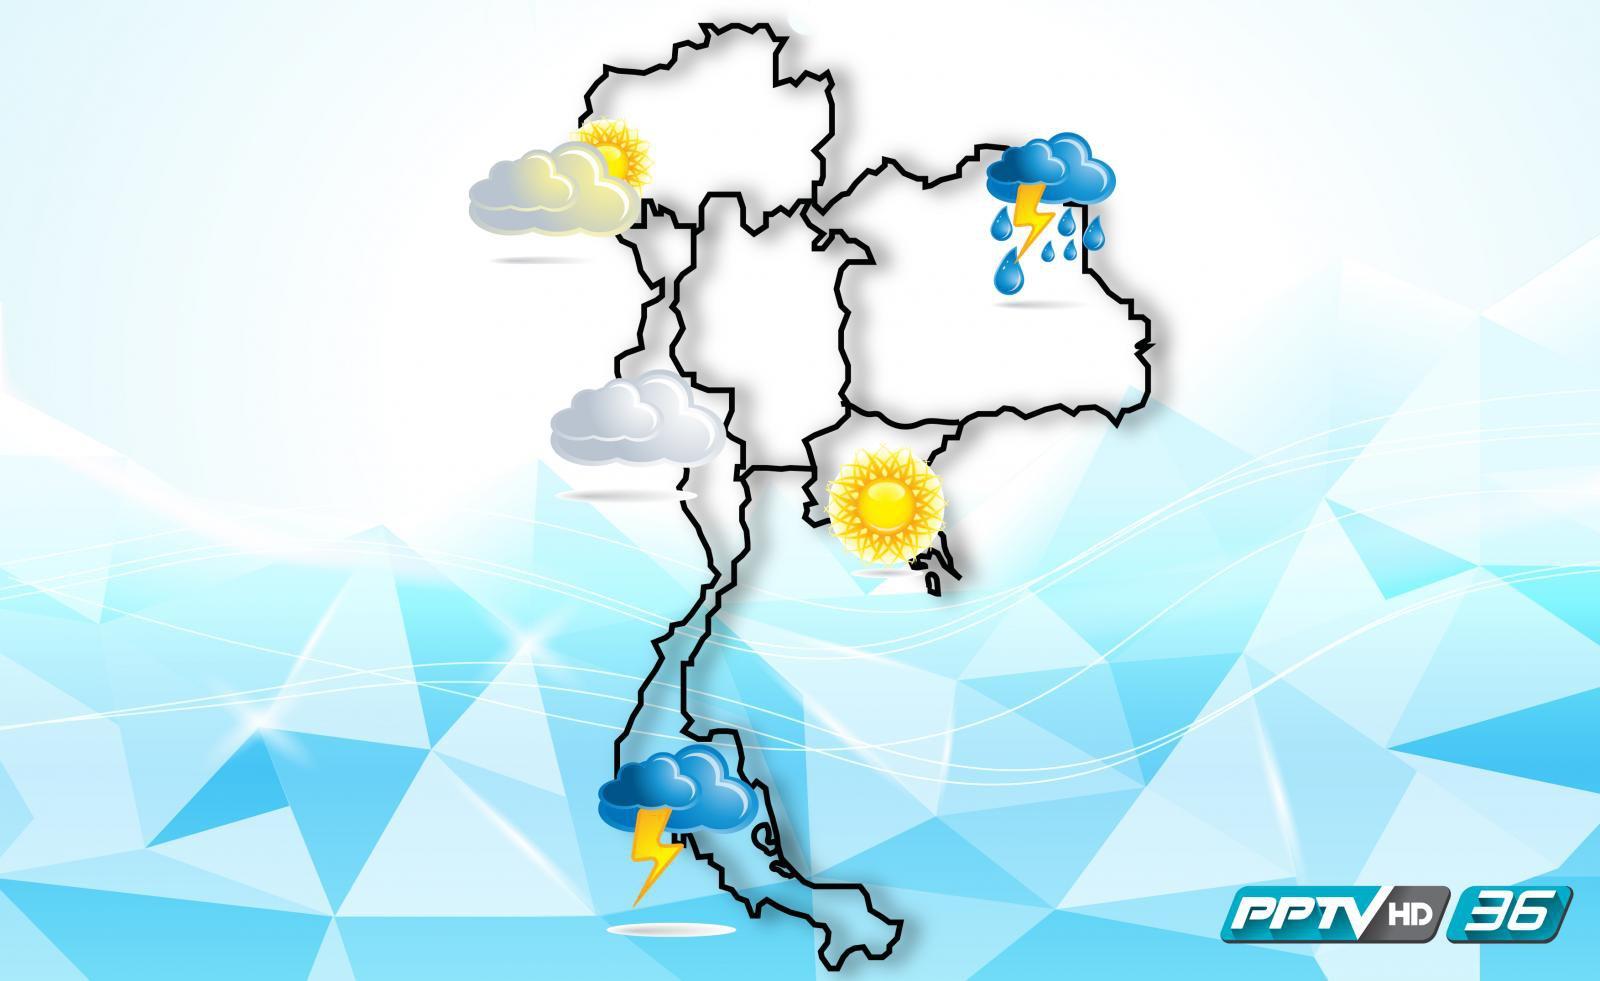 กรมอุตุฯ   ชี้ภาคเหนือ-ตะวันออก ฝนยังตกหนักบางแห่ง เตือนระวังฝนสะสม